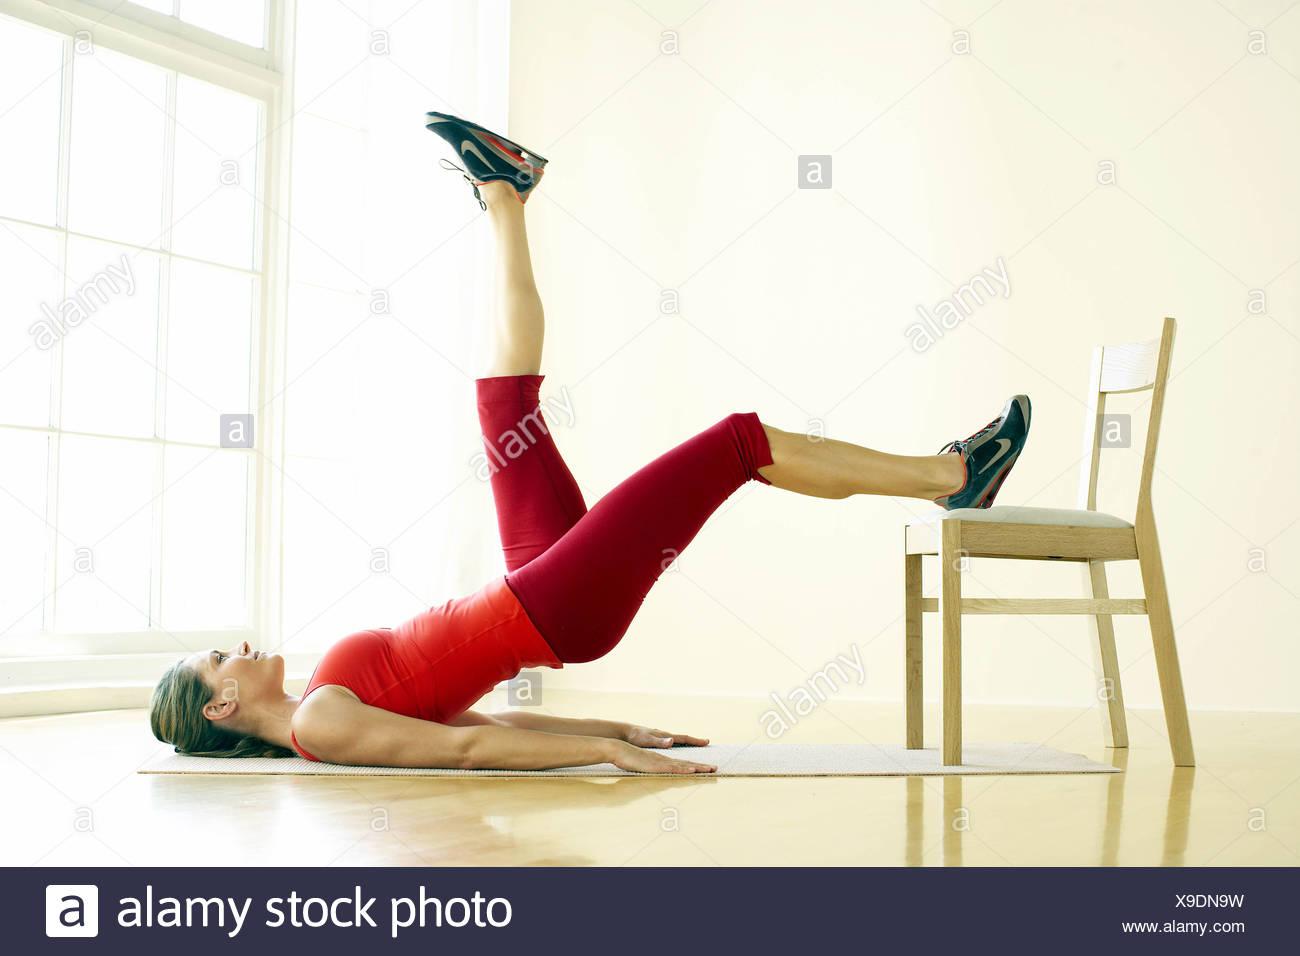 Weibchen Tragen Rote Weste Und Knie Länge Trainingshose Durchführung